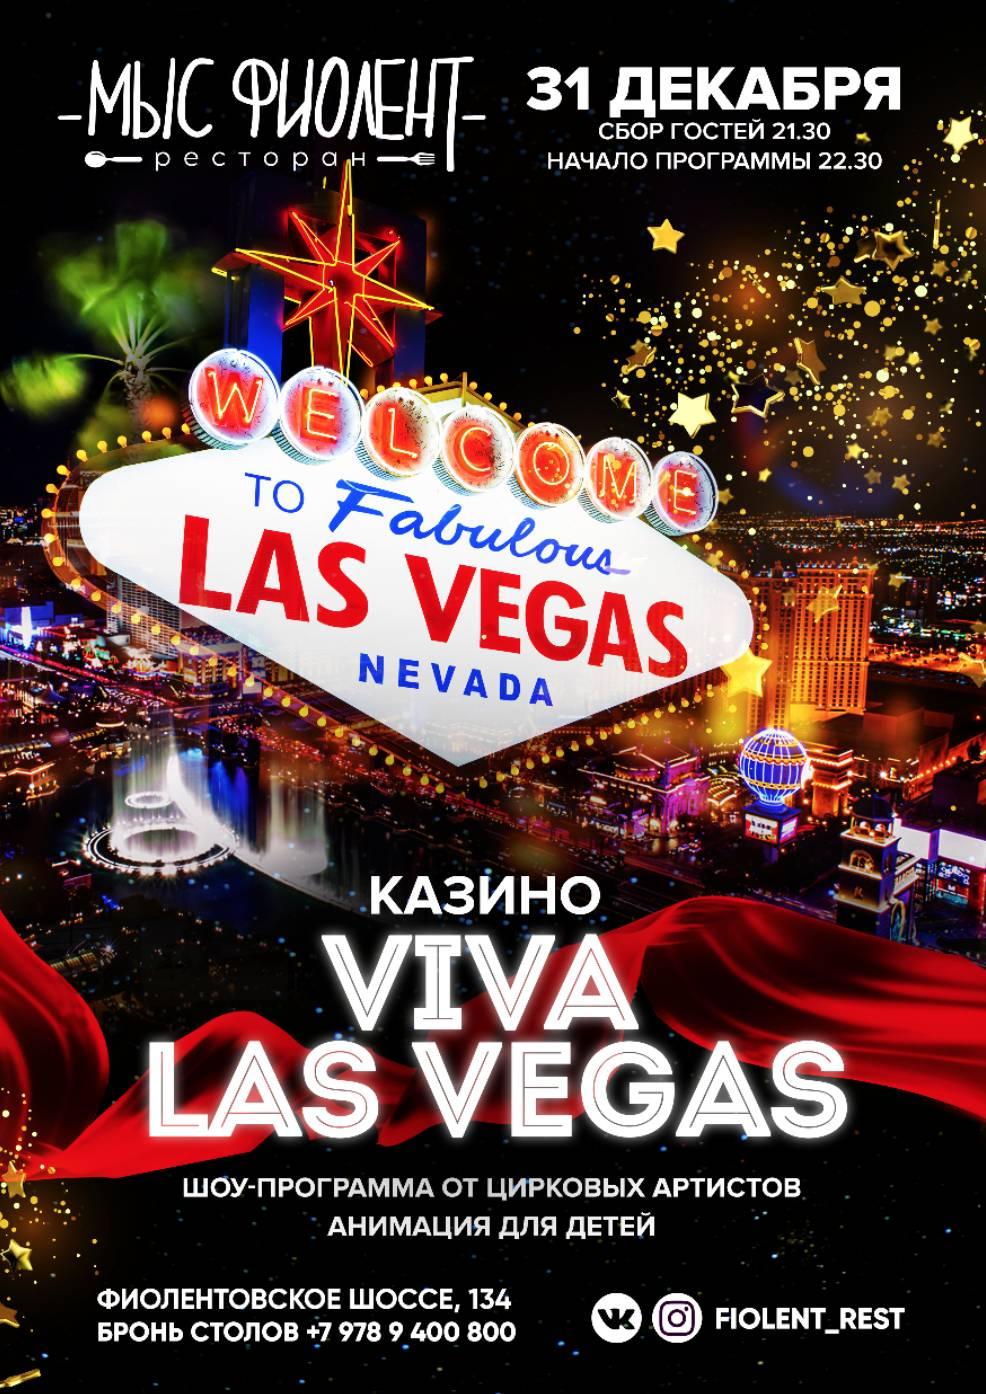 Казино Viva Las Vegas